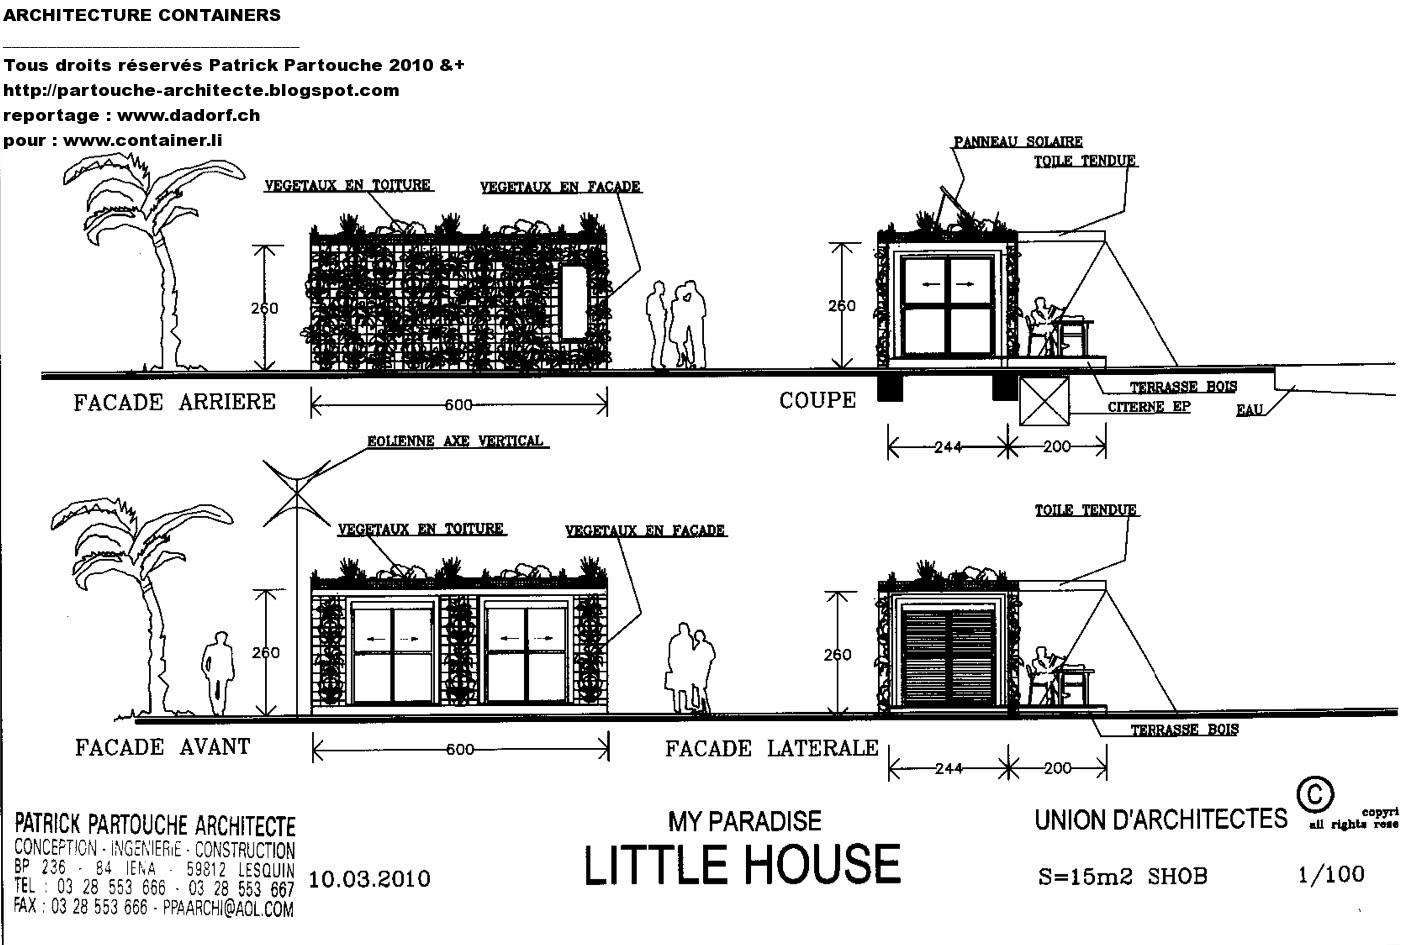 Cool Exemple De Plan De De Maison Gratuit Plan Maison Maison A Construire  Idesmaison With Modele De Maison A Construire Gratuit